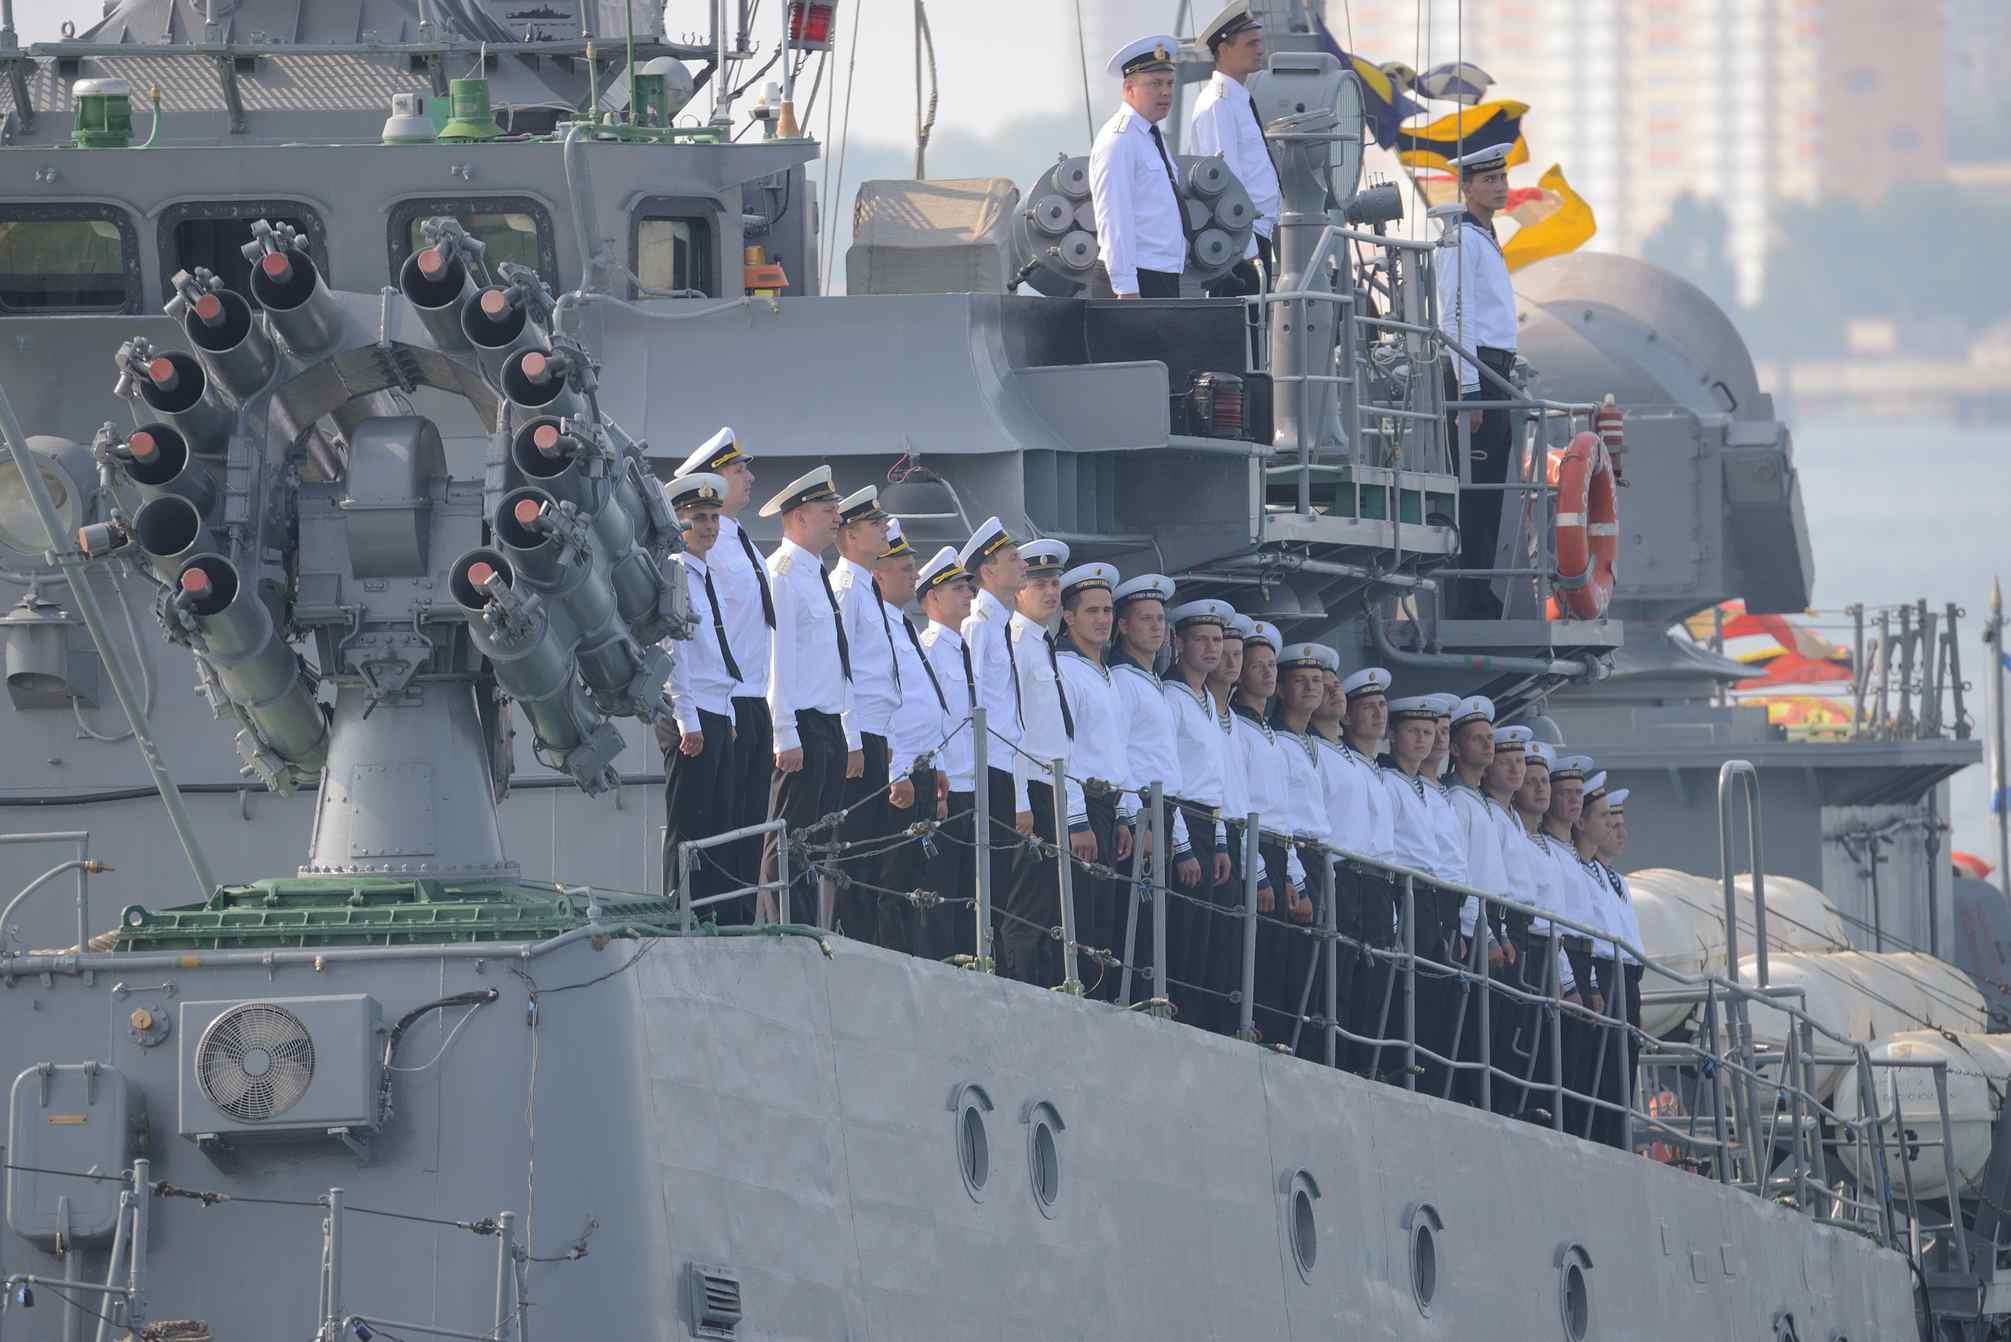 В день юбилея военно-морской базы в Новороссийске покажут ракетные комплексы и военные корабли